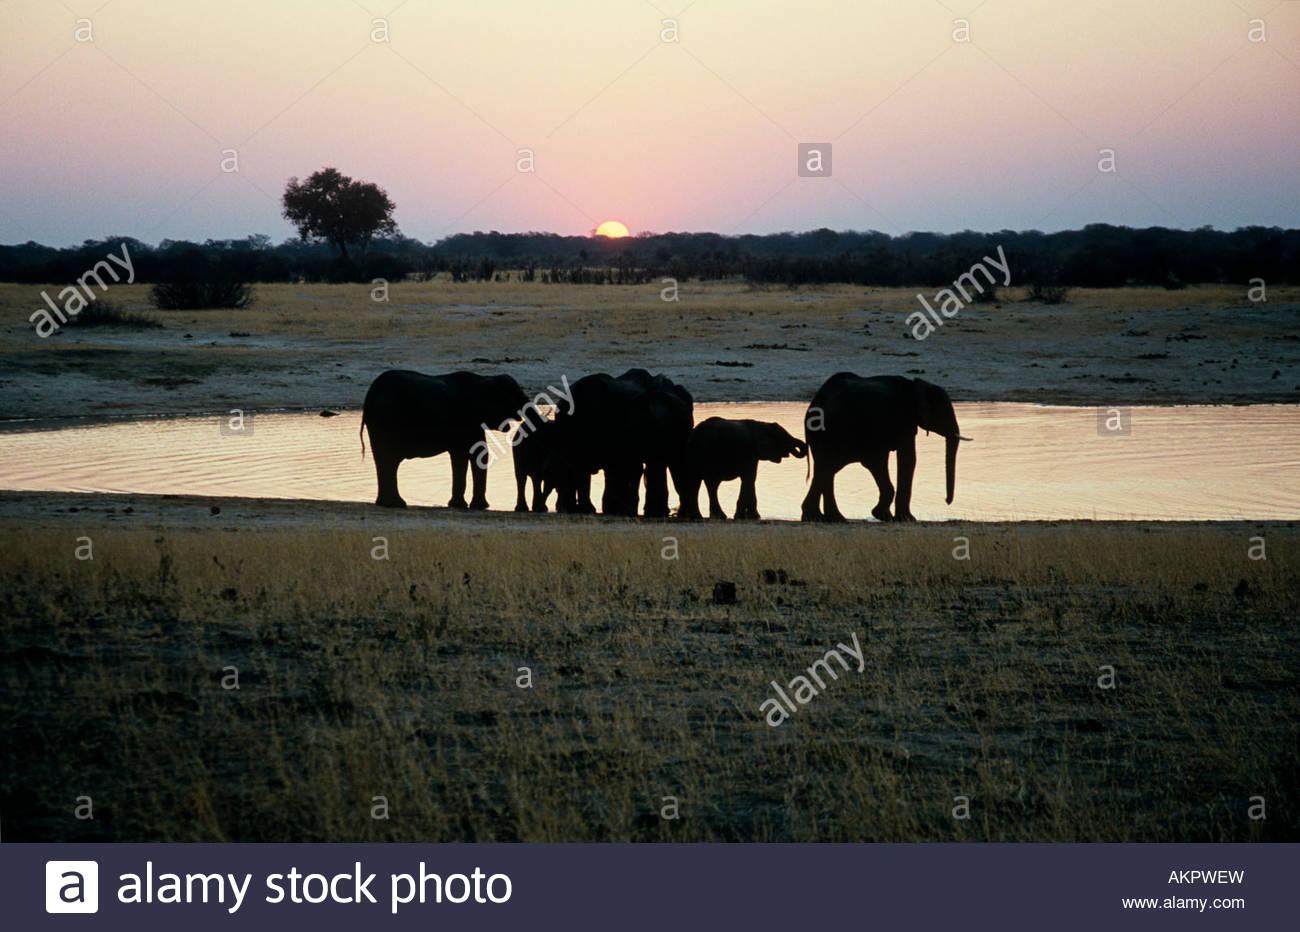 Elephant family at sunset - Stock Image